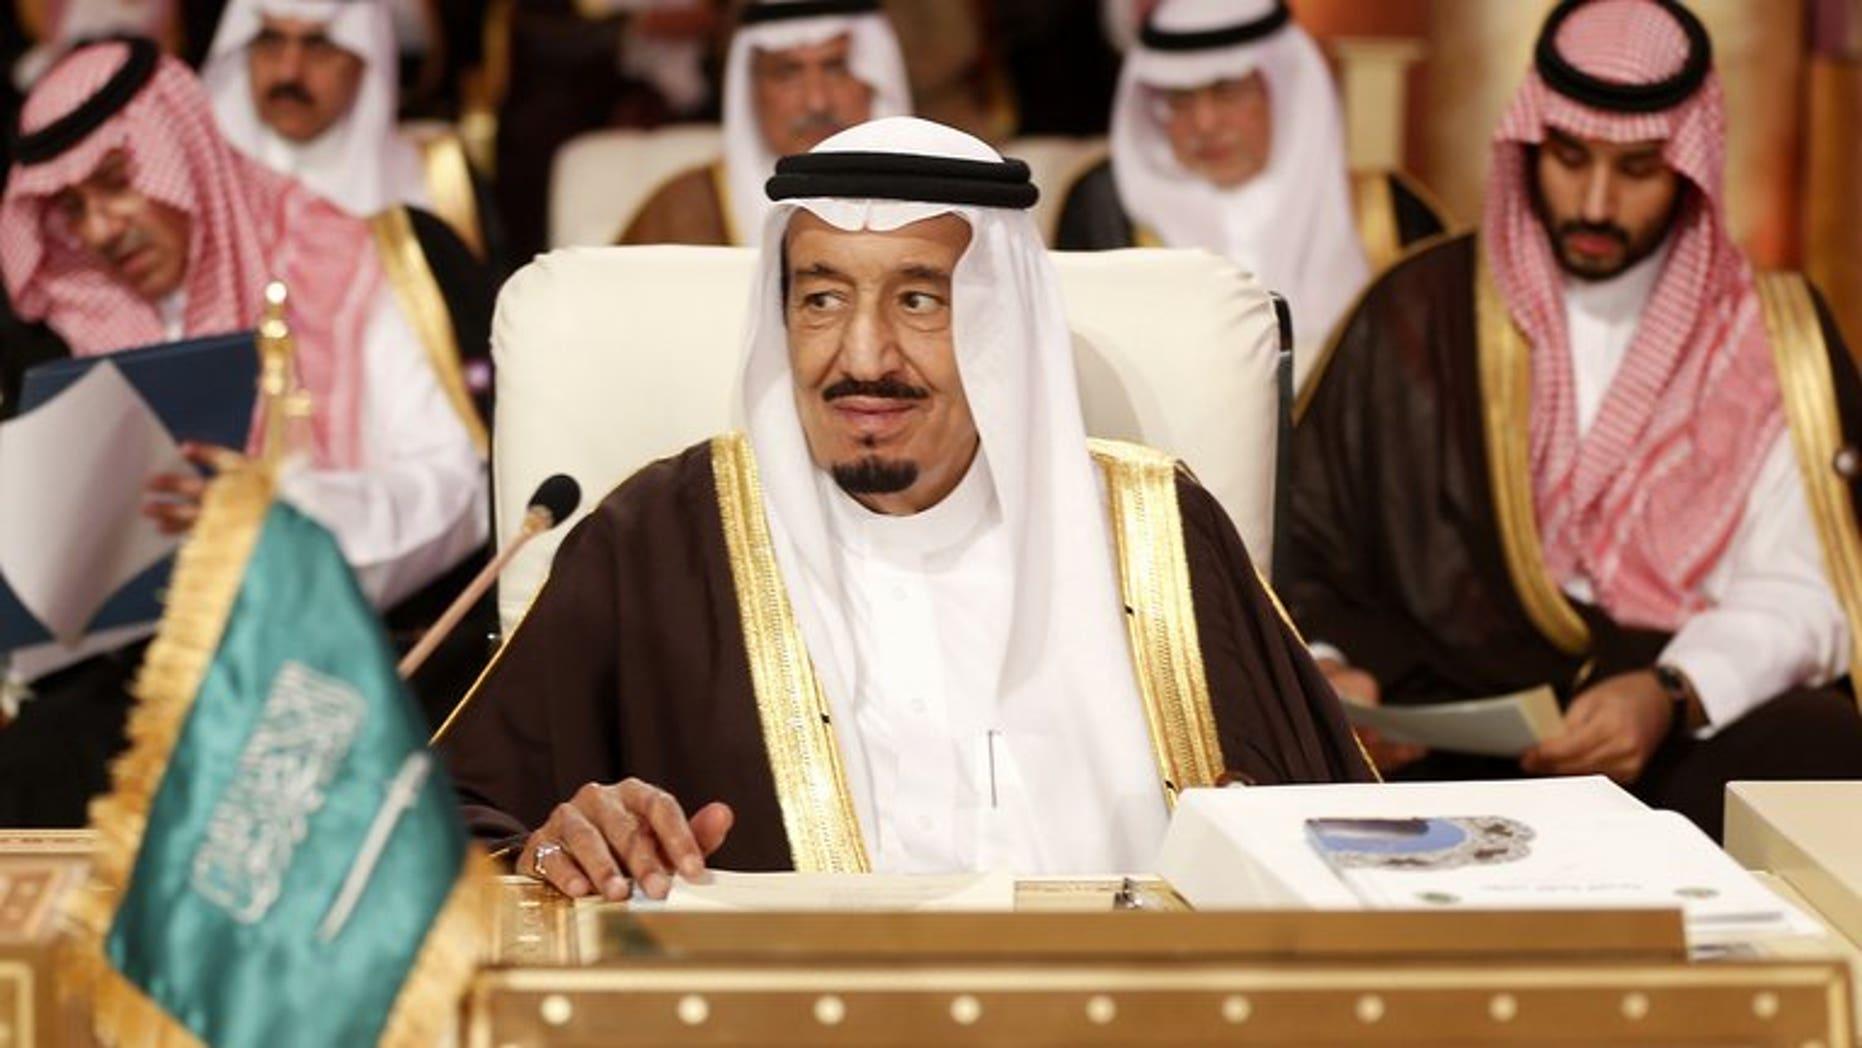 Saudi Crown Prince Salman bin Abdul Aziz in the Qatari capital Doha on March 26, 2013.